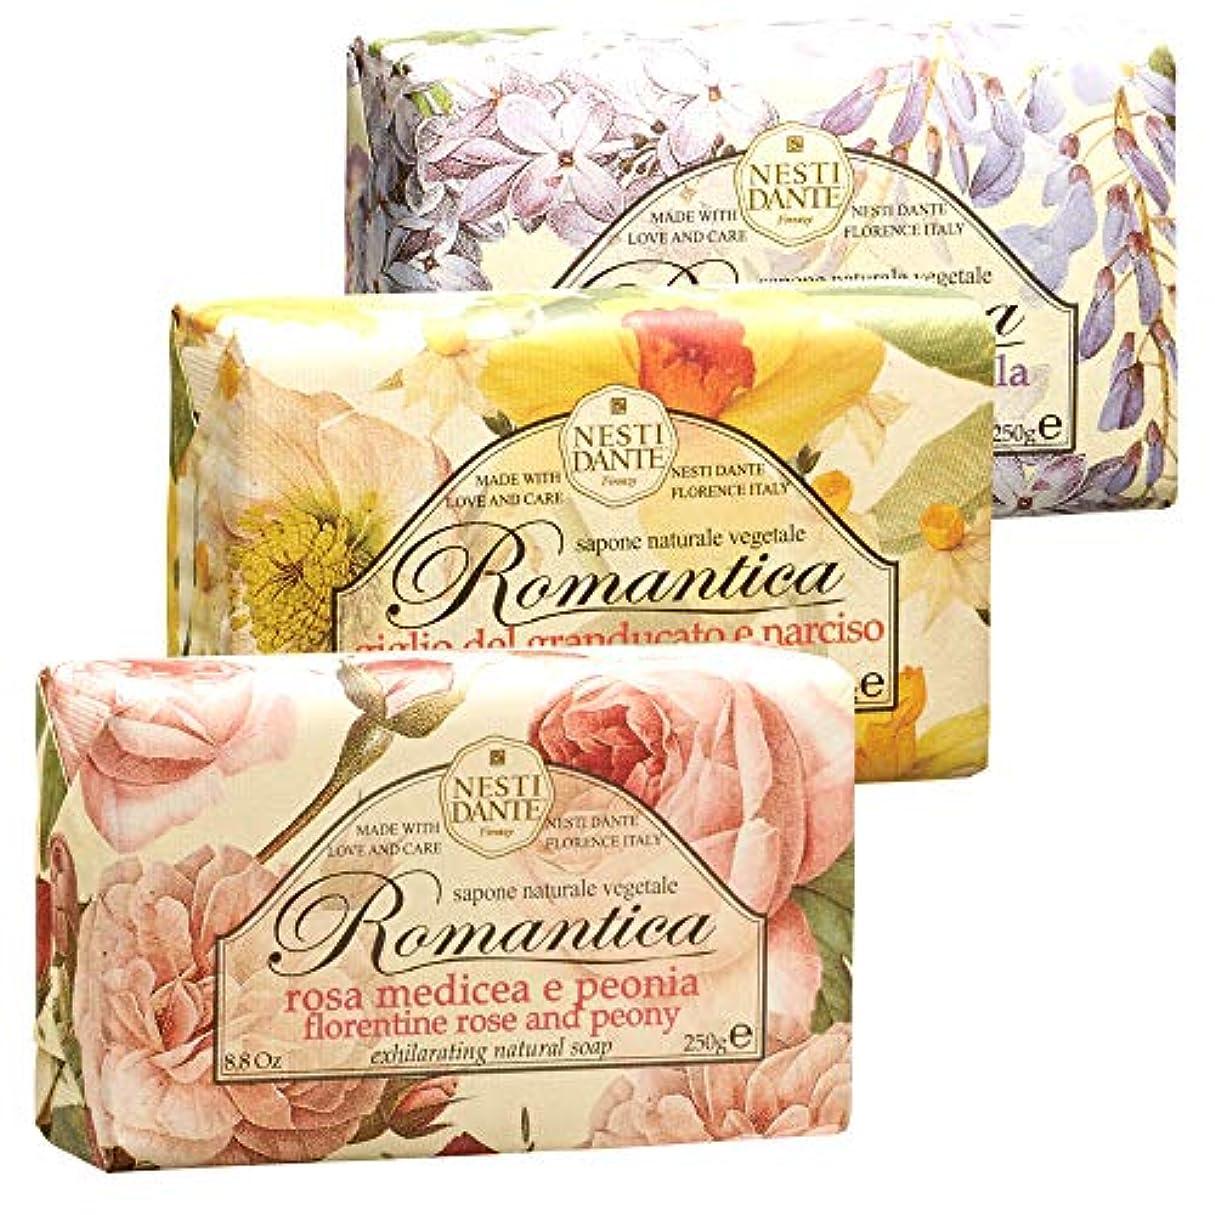 清める不運年次イタリアお土産 ネスティ ロマンティカソープ 3種セット